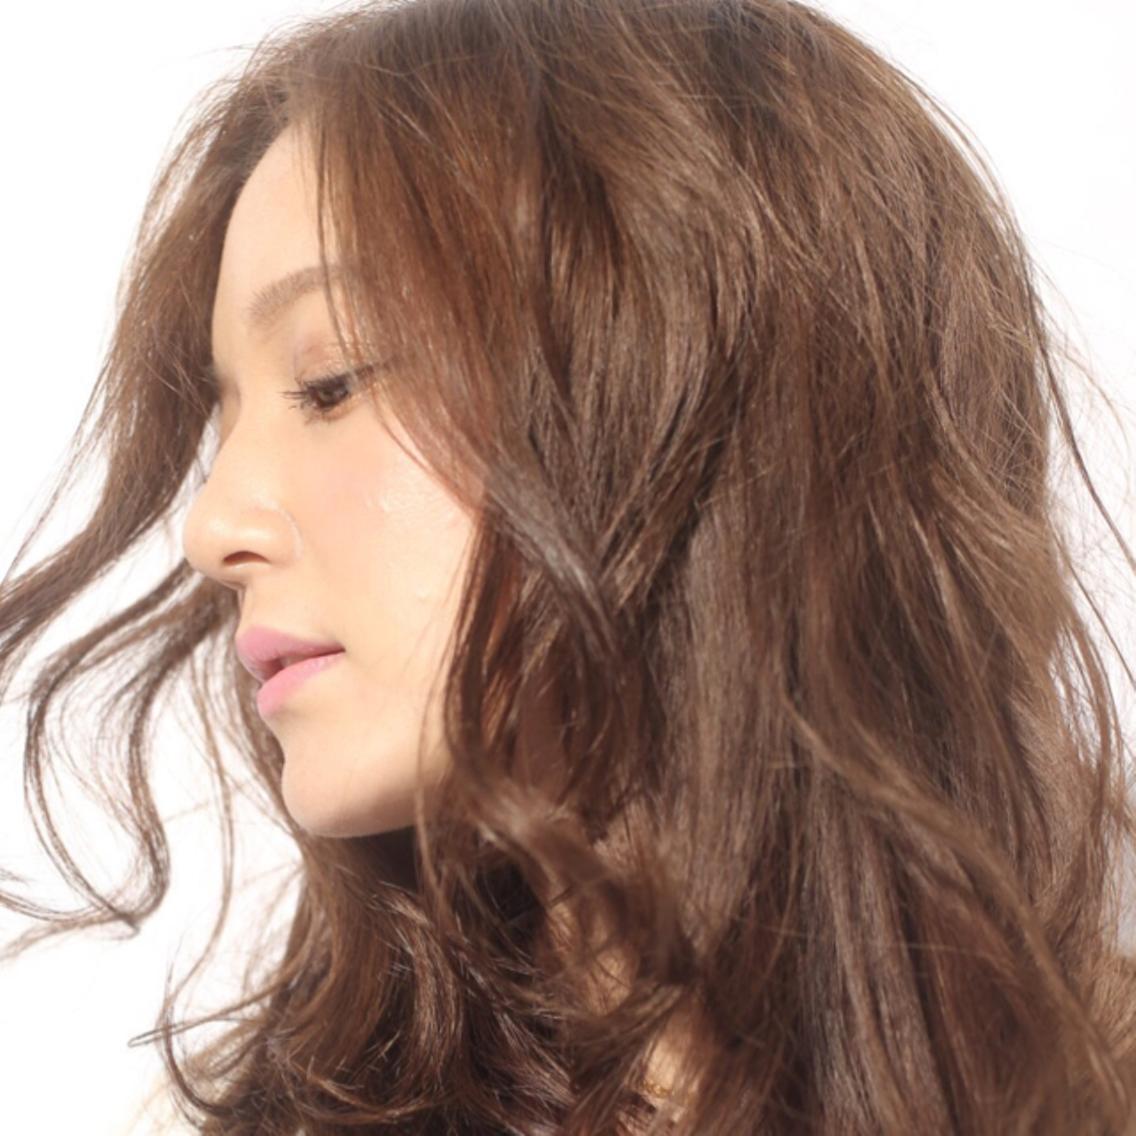 【当日即日予約OK】新規のお客様20%off!!髪の事ならなんでもご相談下さい!!